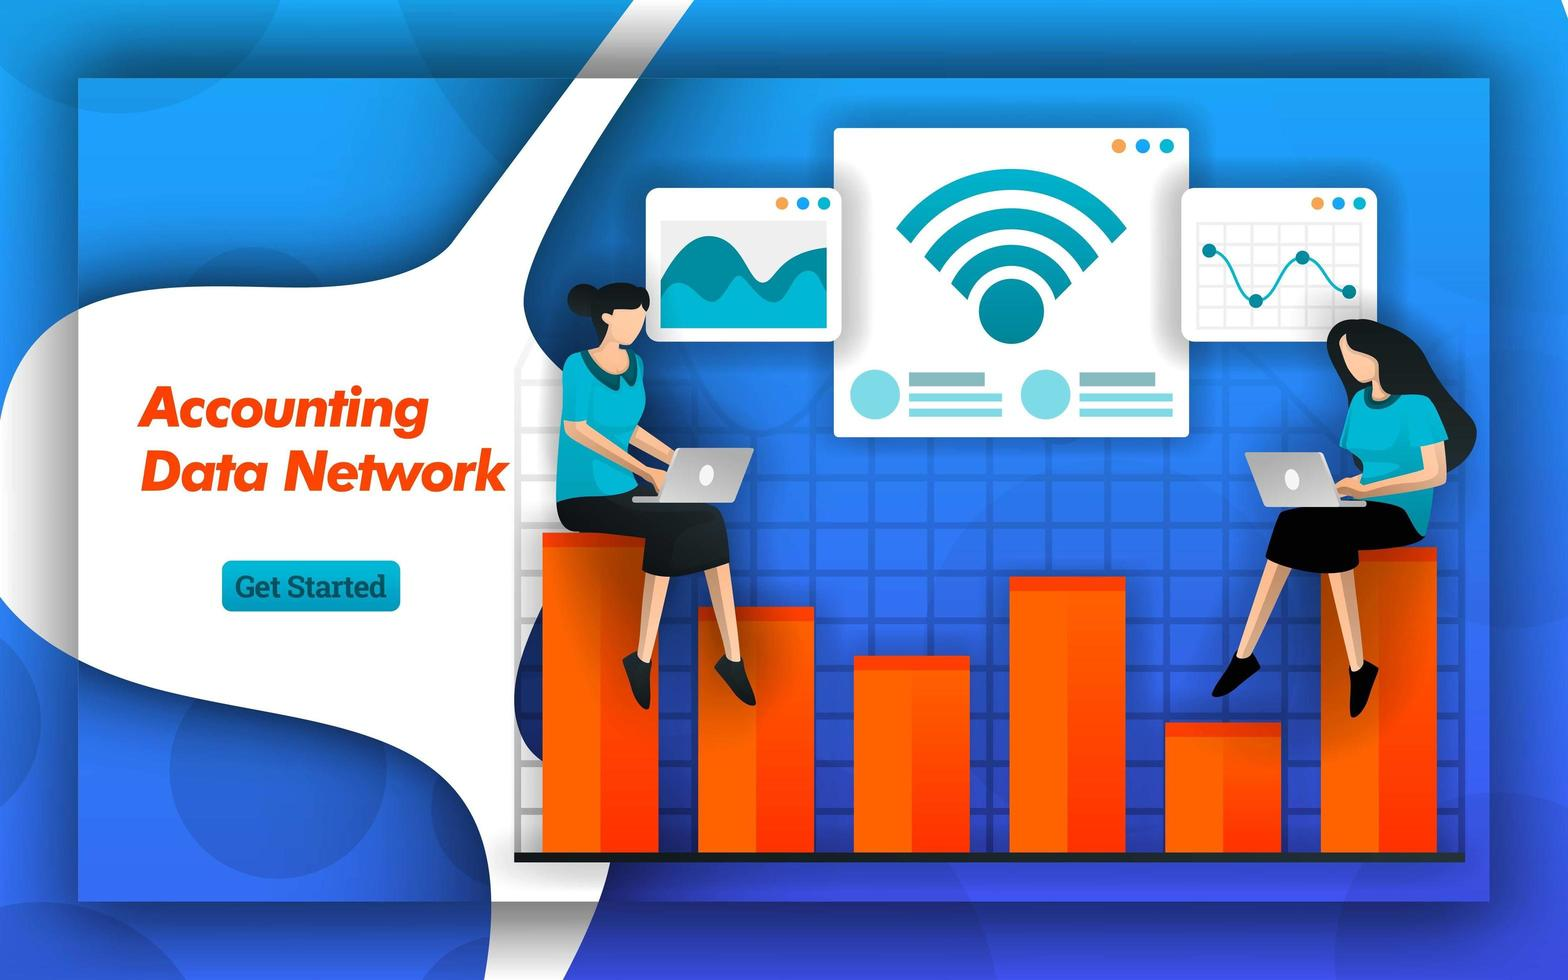 As redes de internet e wi-fi facilitam para a rede de dados contábeis determinar a contabilidade de custos e o planejamento tributário. serviços de contabilidade fornecem acesso a dados para pequenas empresas. estilo de vetor plano